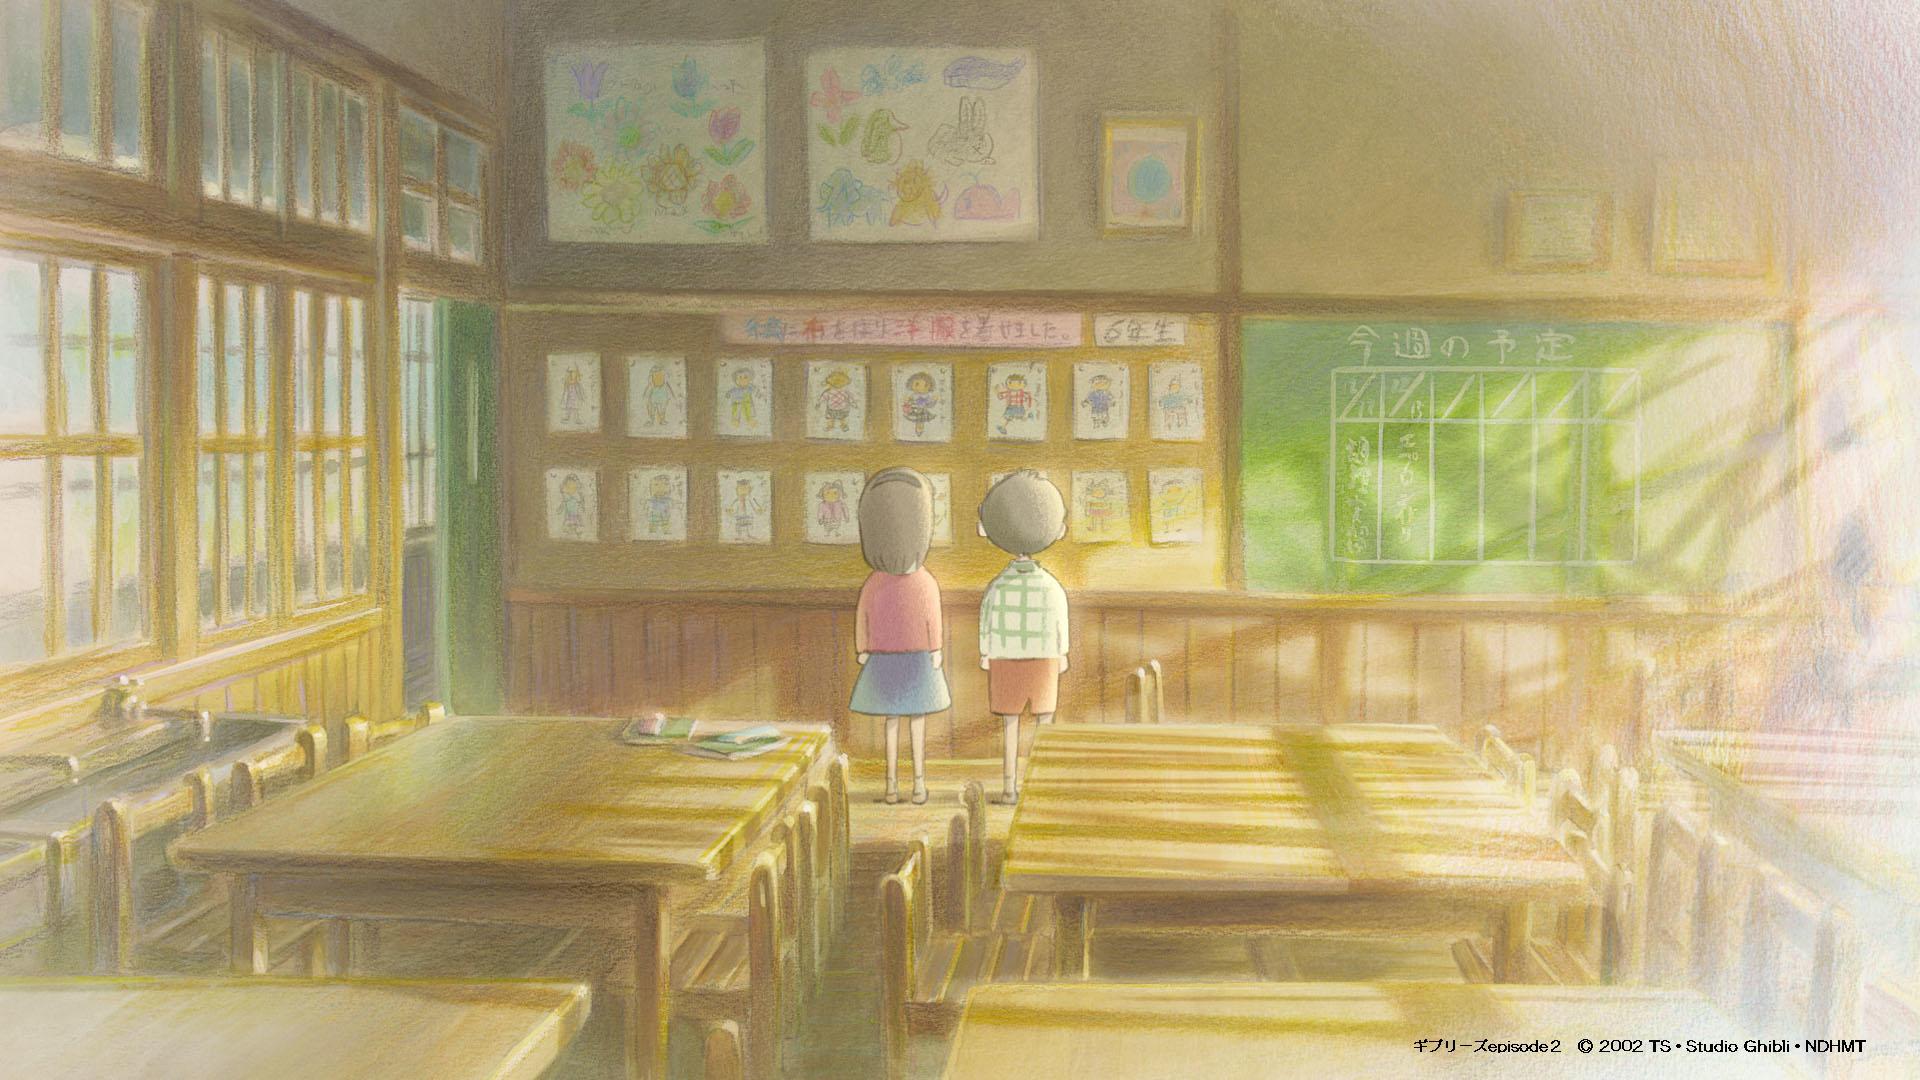 Ghiblies Episode 1 (2000). Estudios Ghibli.